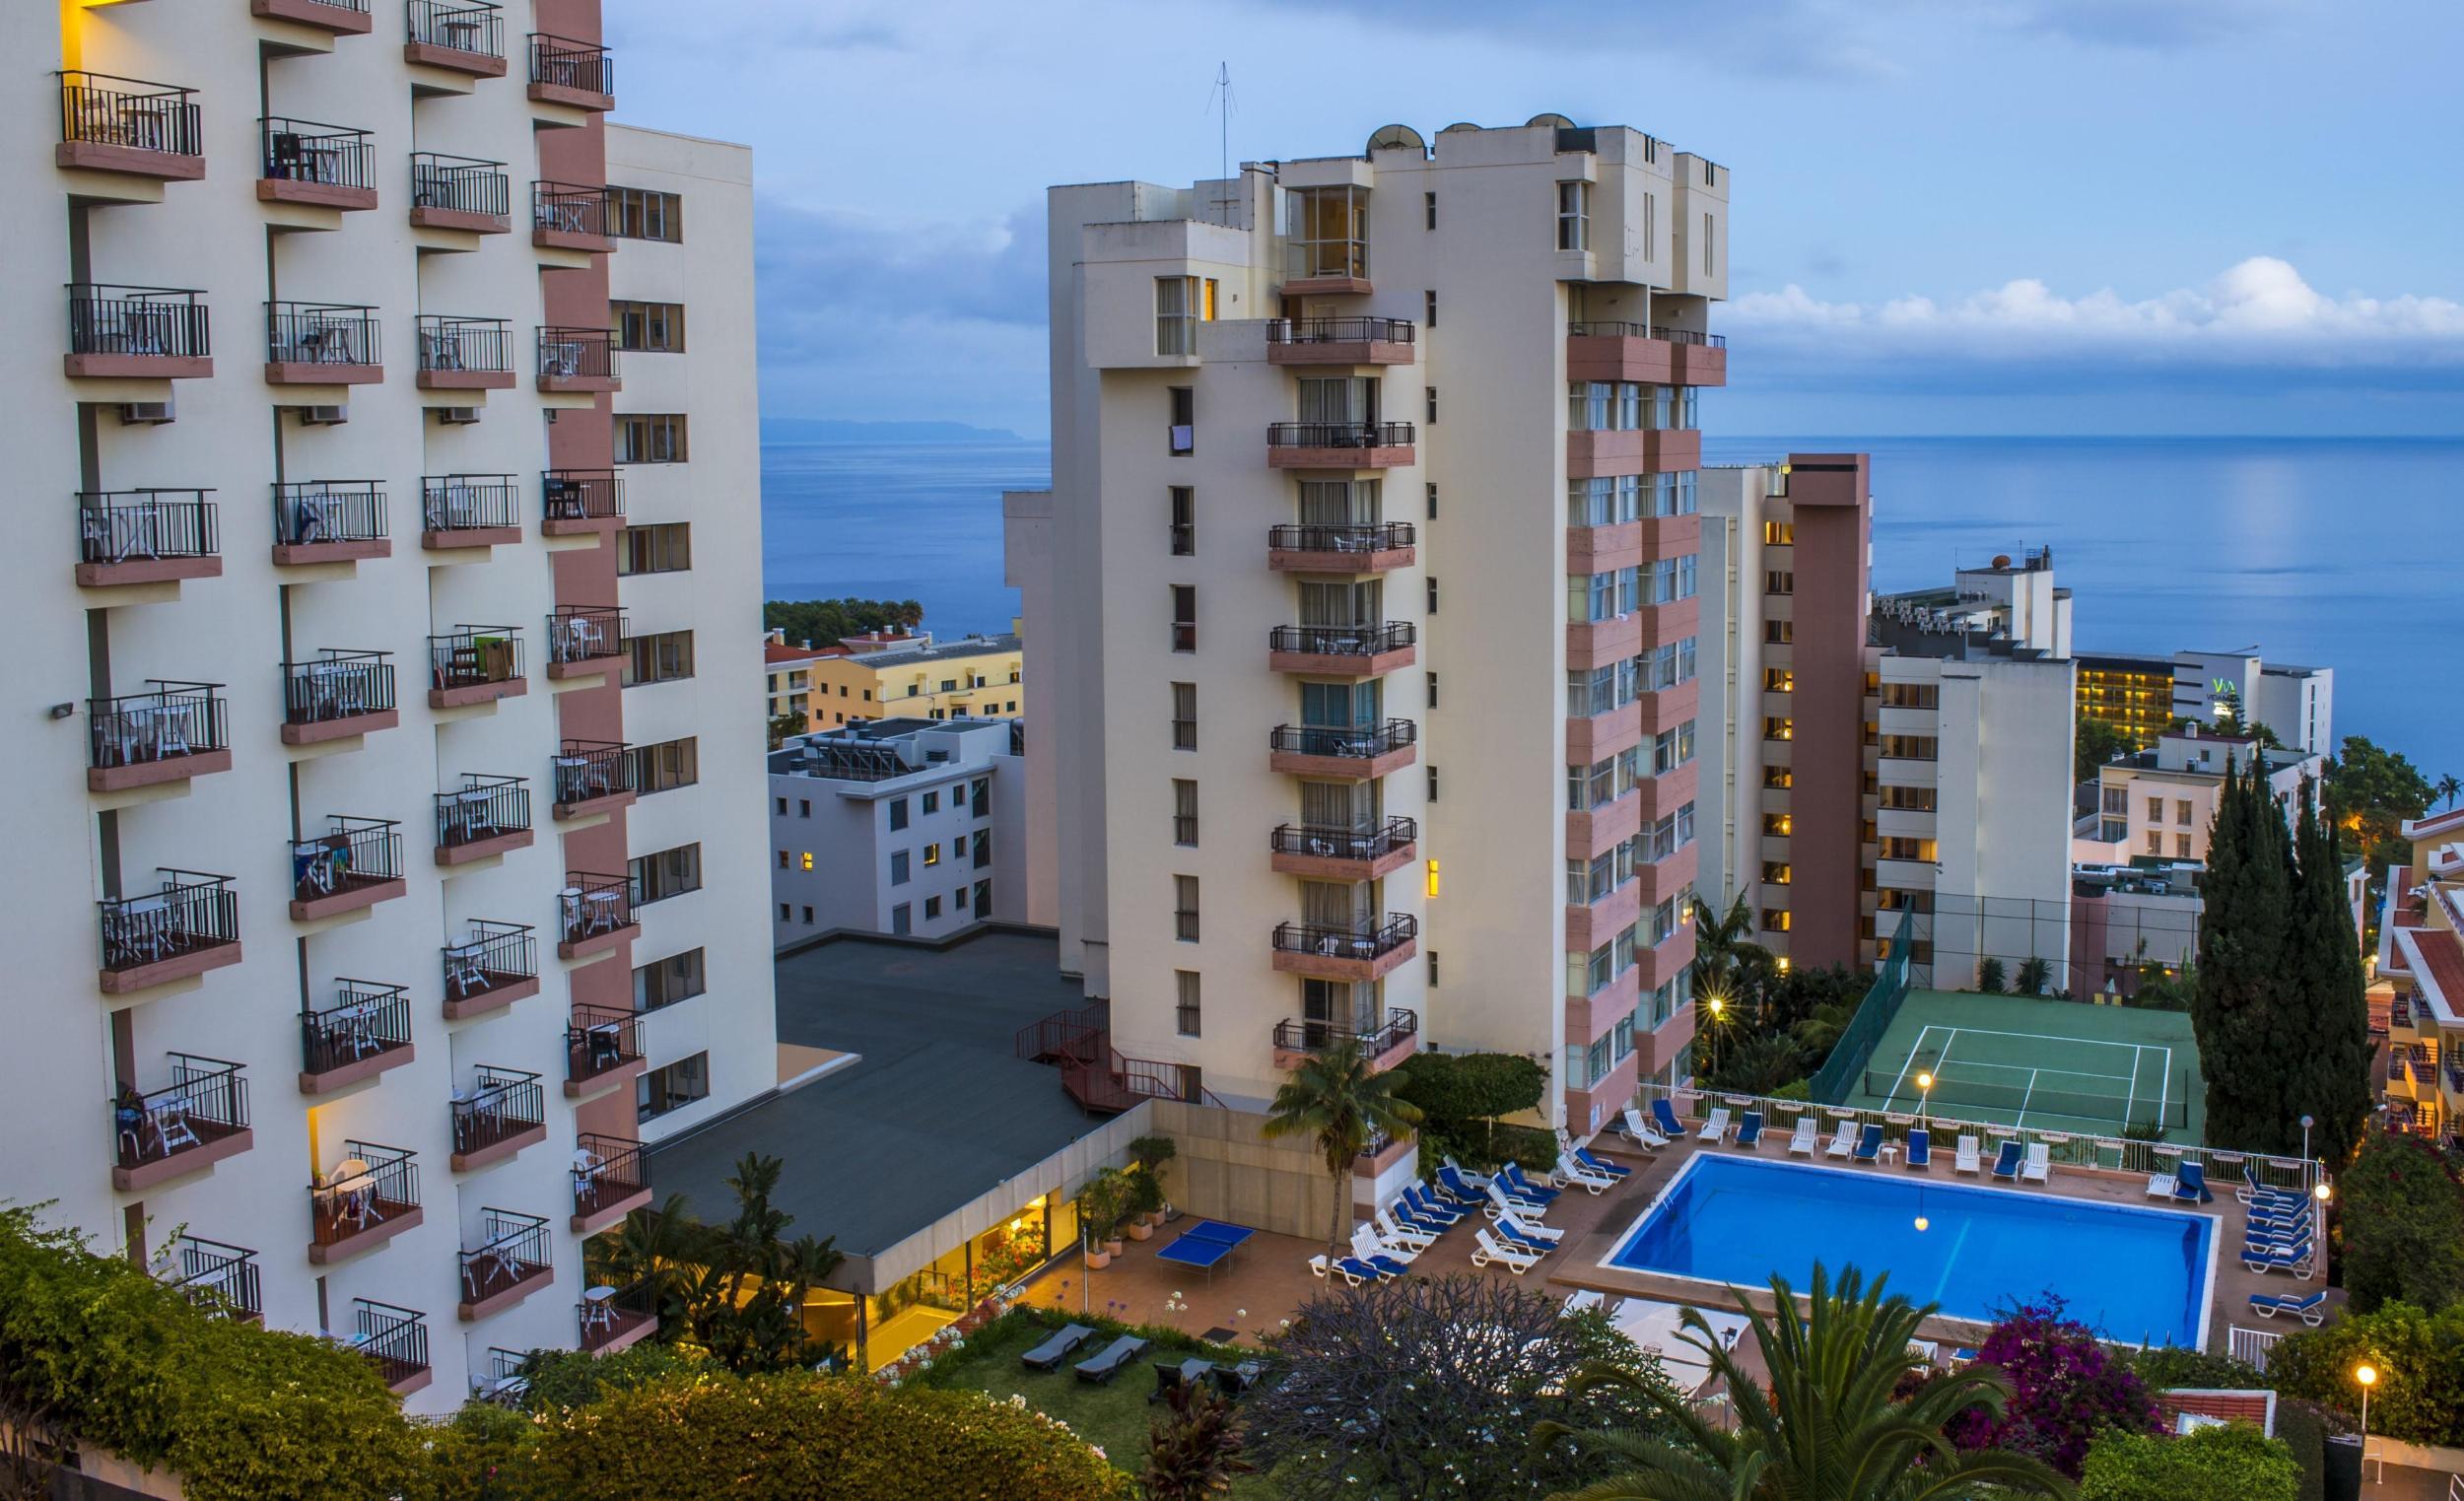 Pestana casino park hotel madeira booking